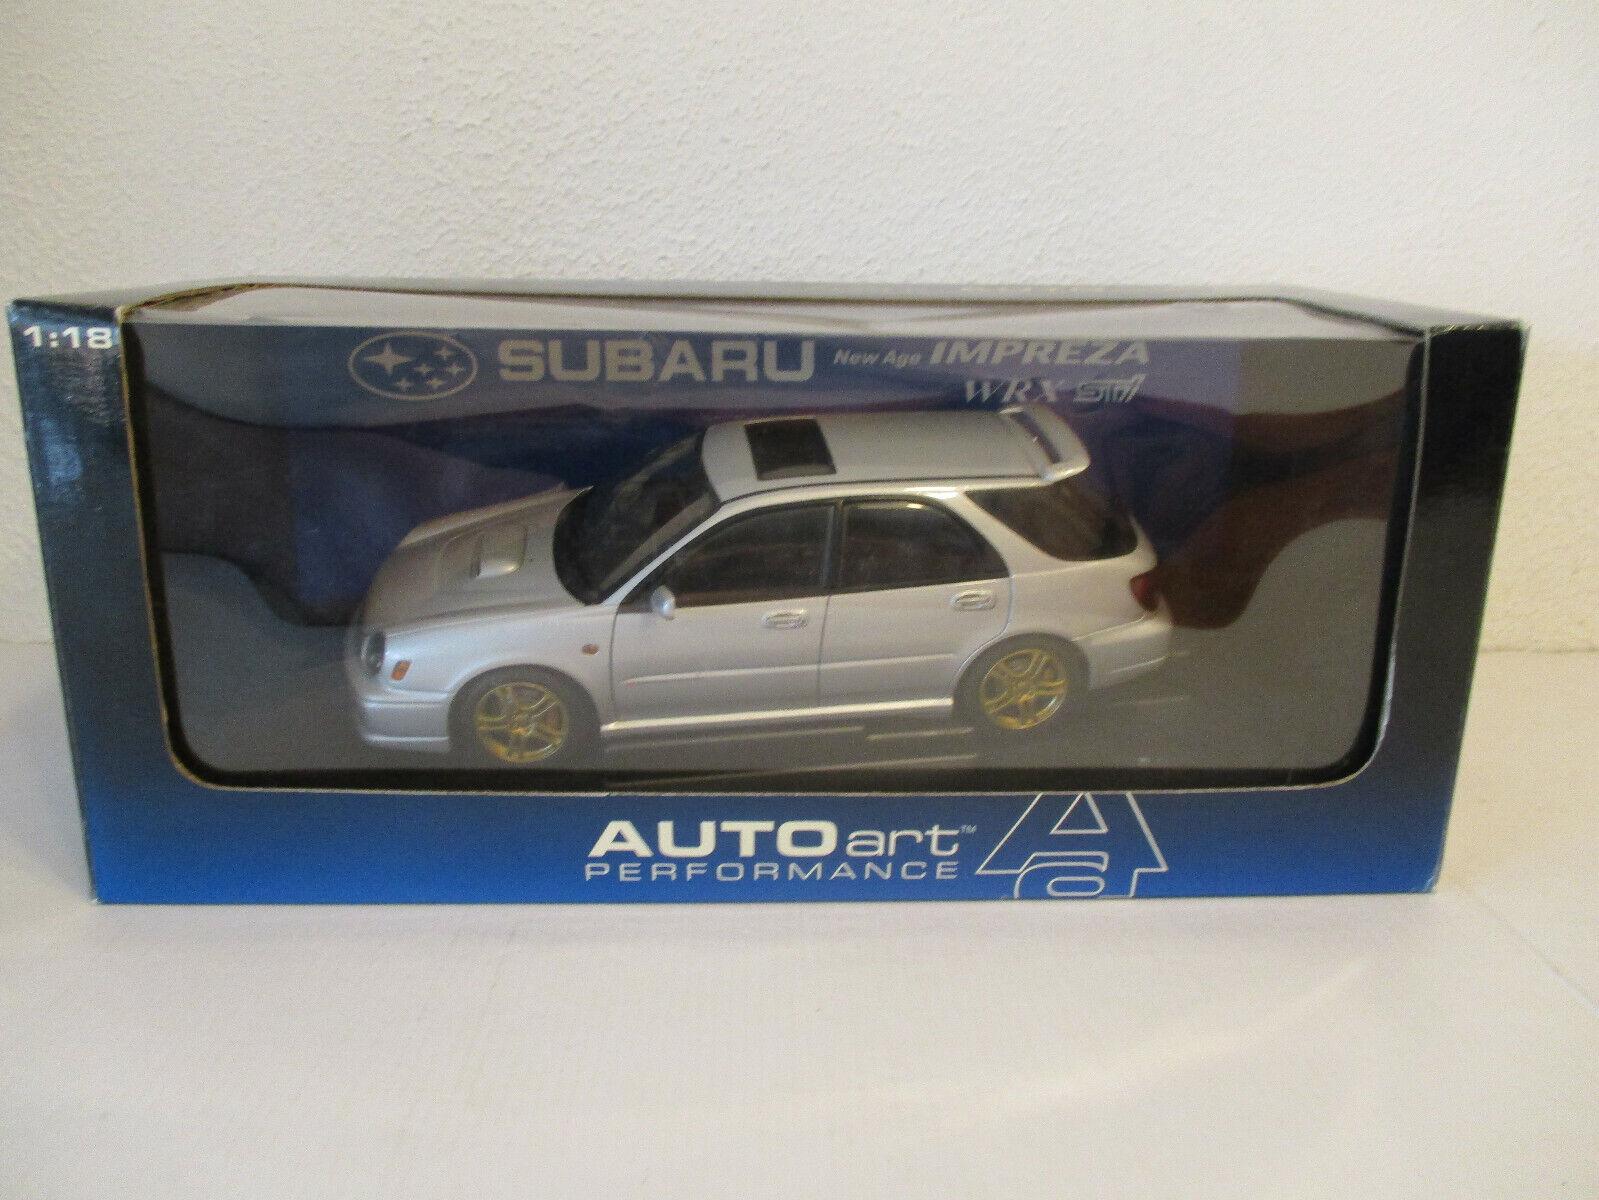 (GOKR) 1 18 bilkonst Subaru New AGE Impreza WRX Wagon STI 2001 NEU OVP